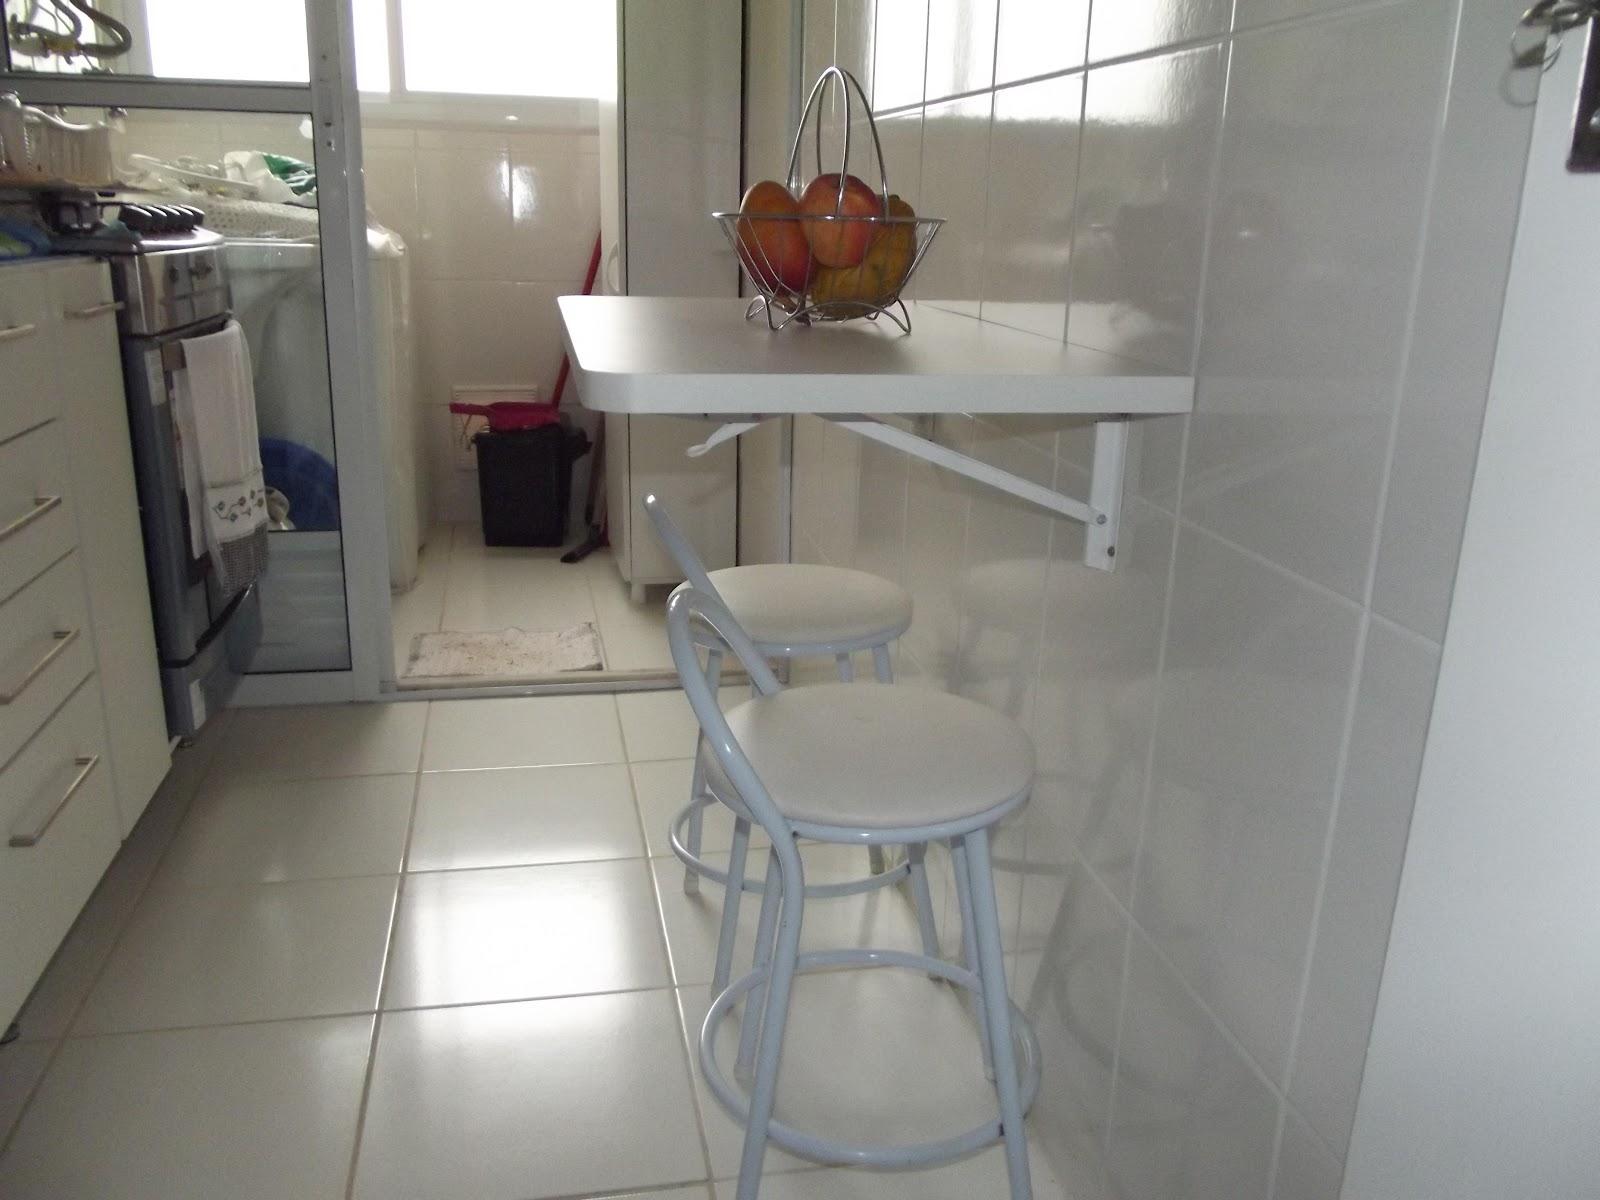 PROJETOS EM MADEIRA MACIÇA E MOVEIS SOB MEDIDA: Cozinha Banheiro e  #5E4738 1600 1200